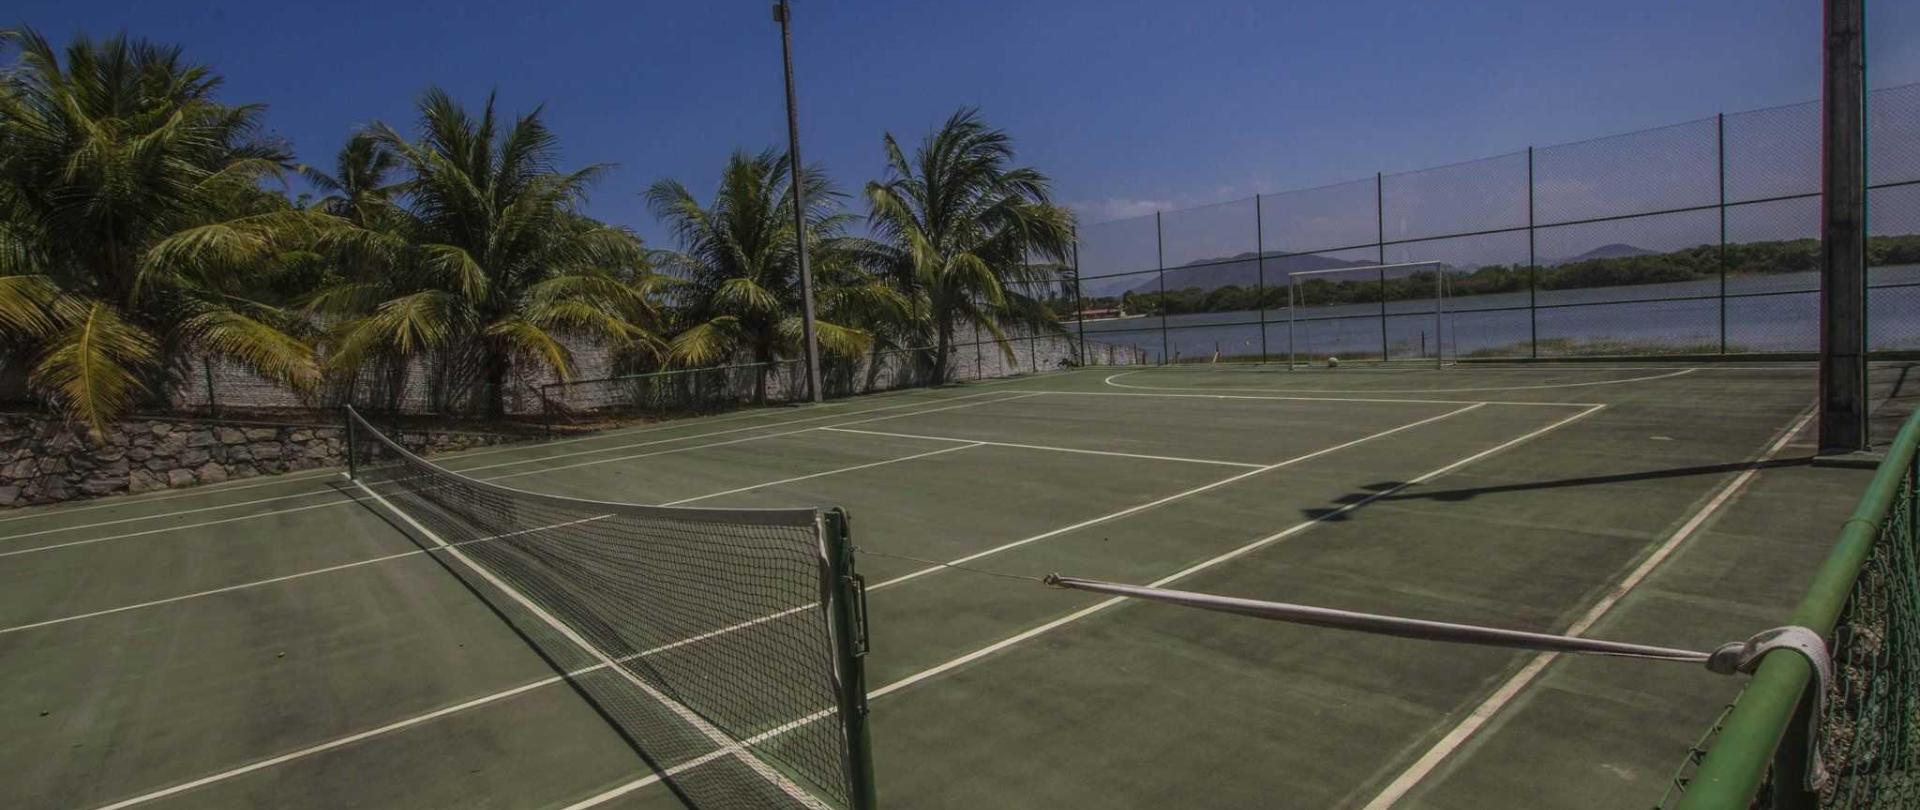 tenis-i.JPG